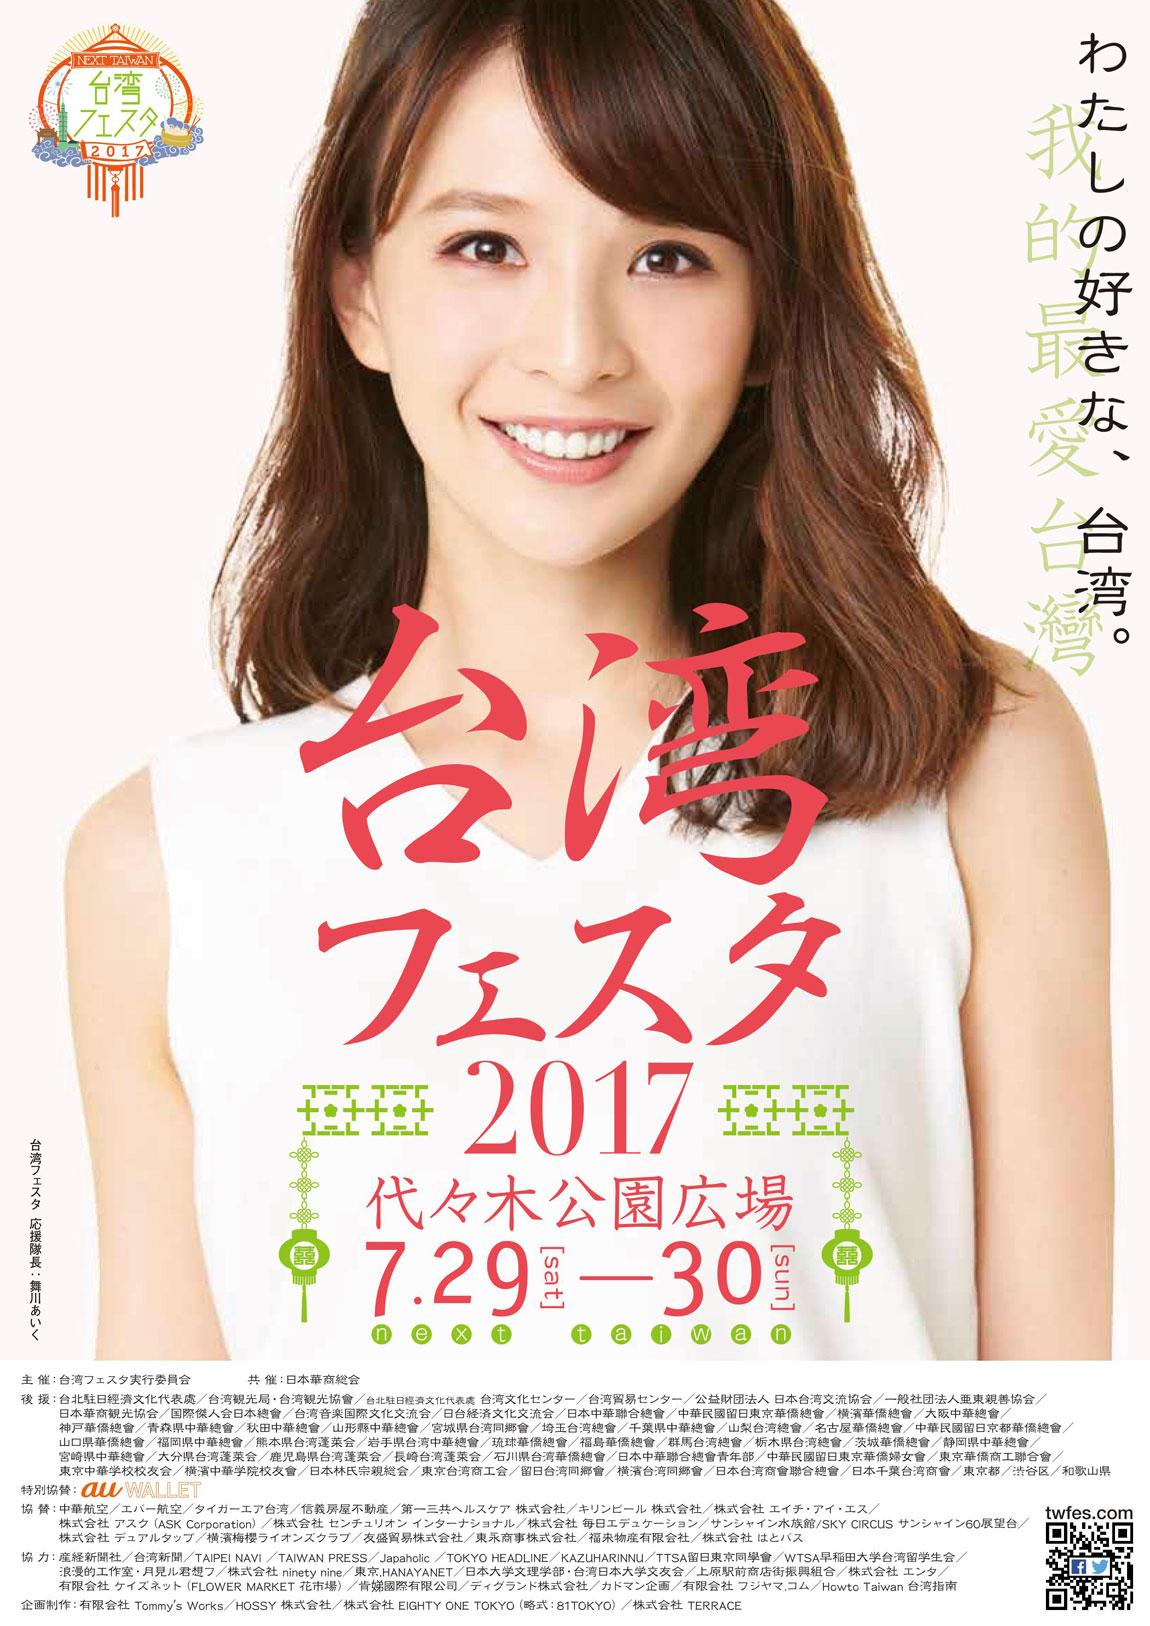 Japanese model Aiku Maikawa Taiwan Festa 2017